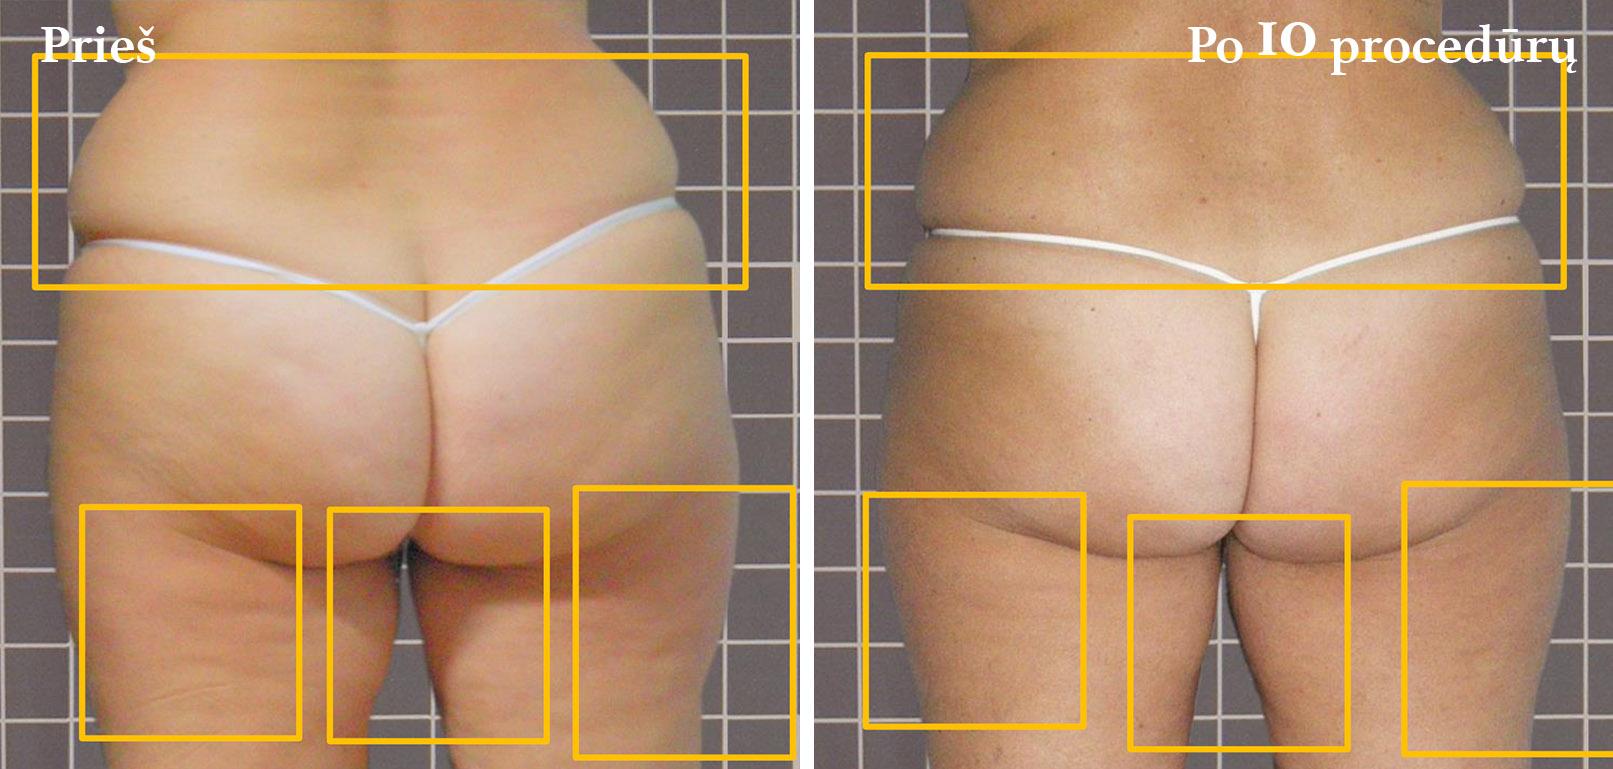 icoone-laser-geriausia-kuno-veido-procedura-gydimas-vilnius-klinika